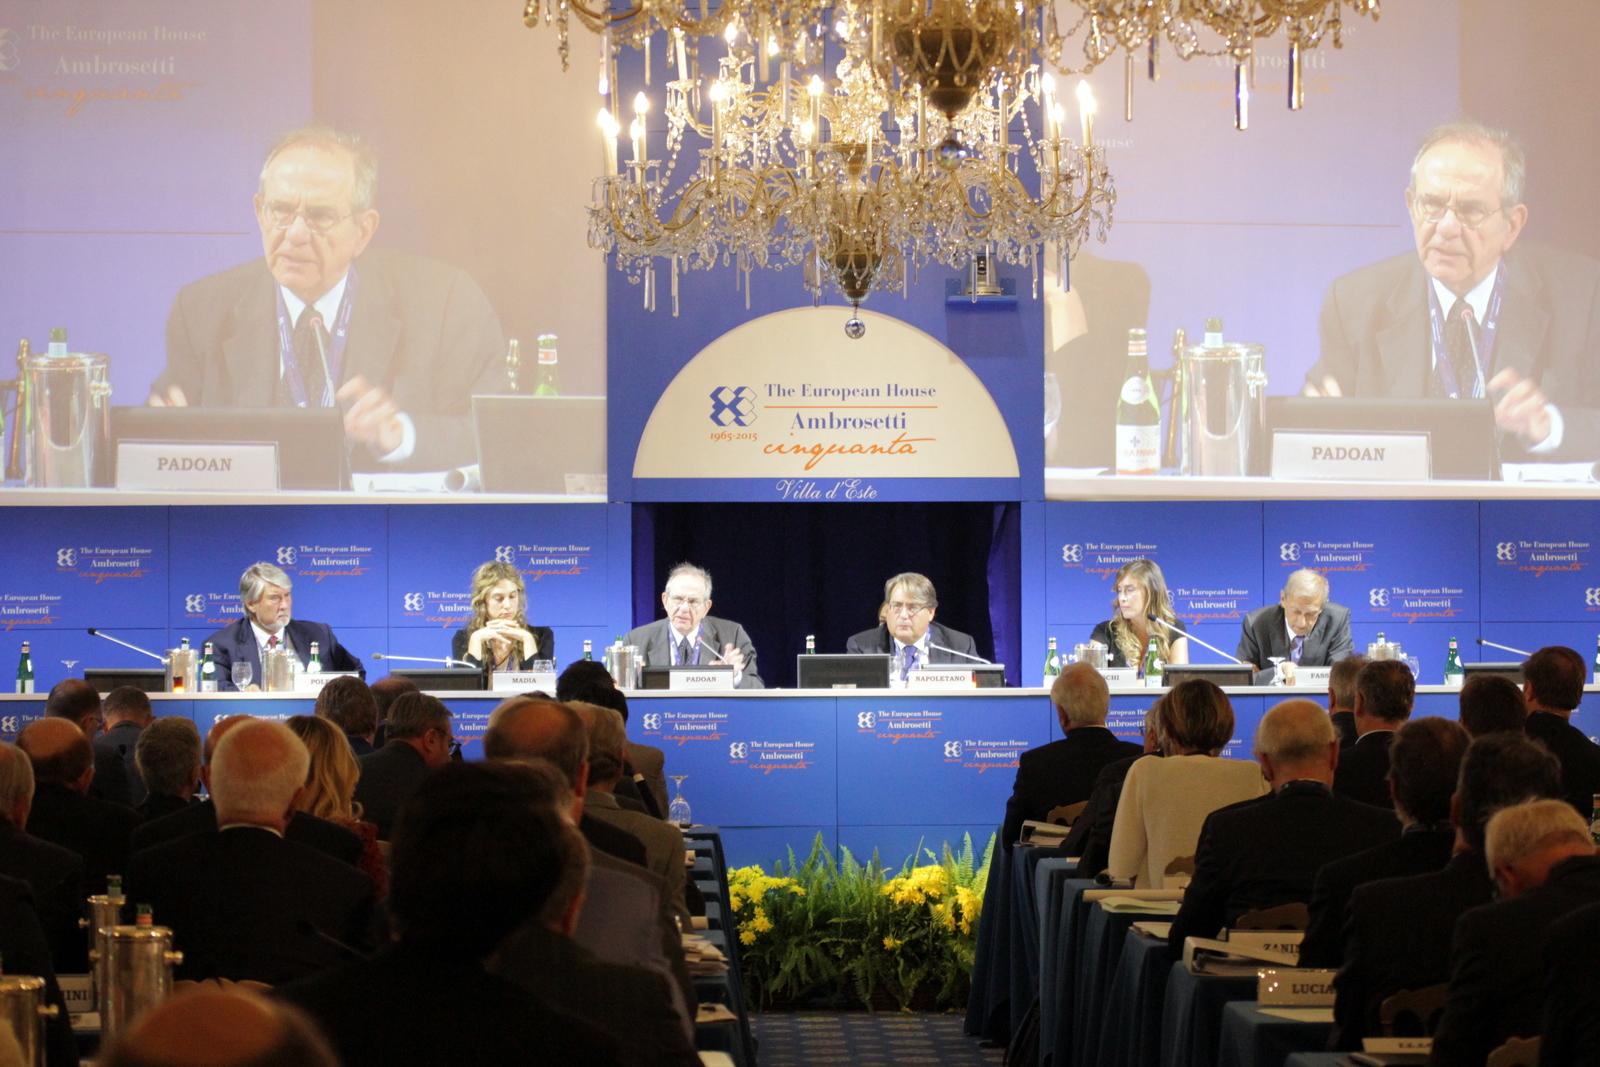 Il tavolo dei relatori di una sessione dell'annuale forum Ambrosetti (Foto: Evgeny Utkin)